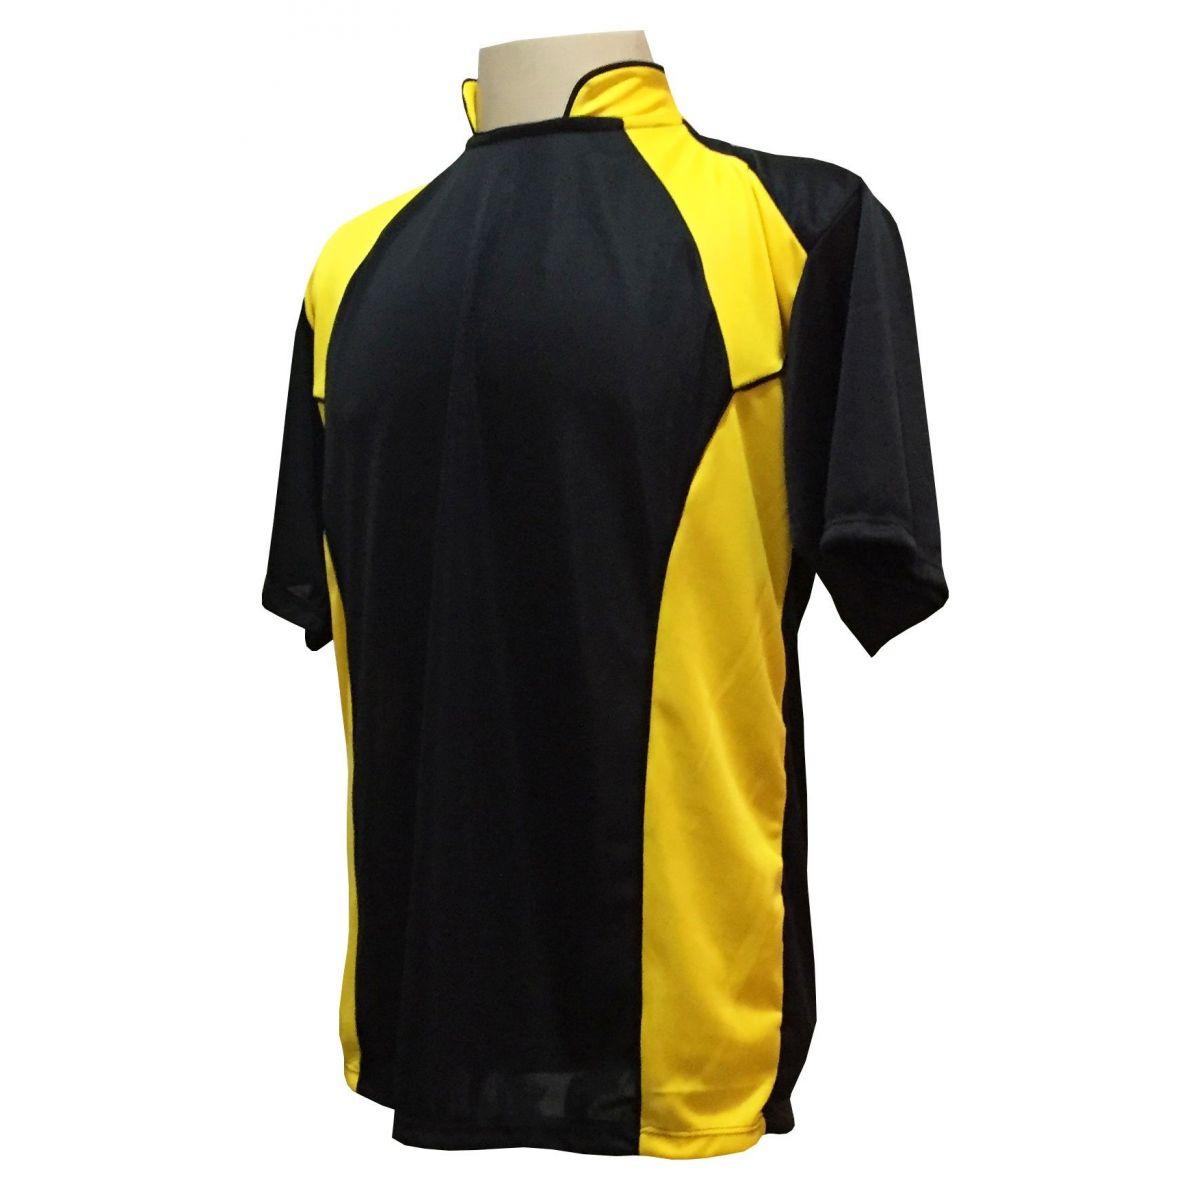 Jogo de Camisa com 14 unidades modelo Suécia Preto/Amarelo